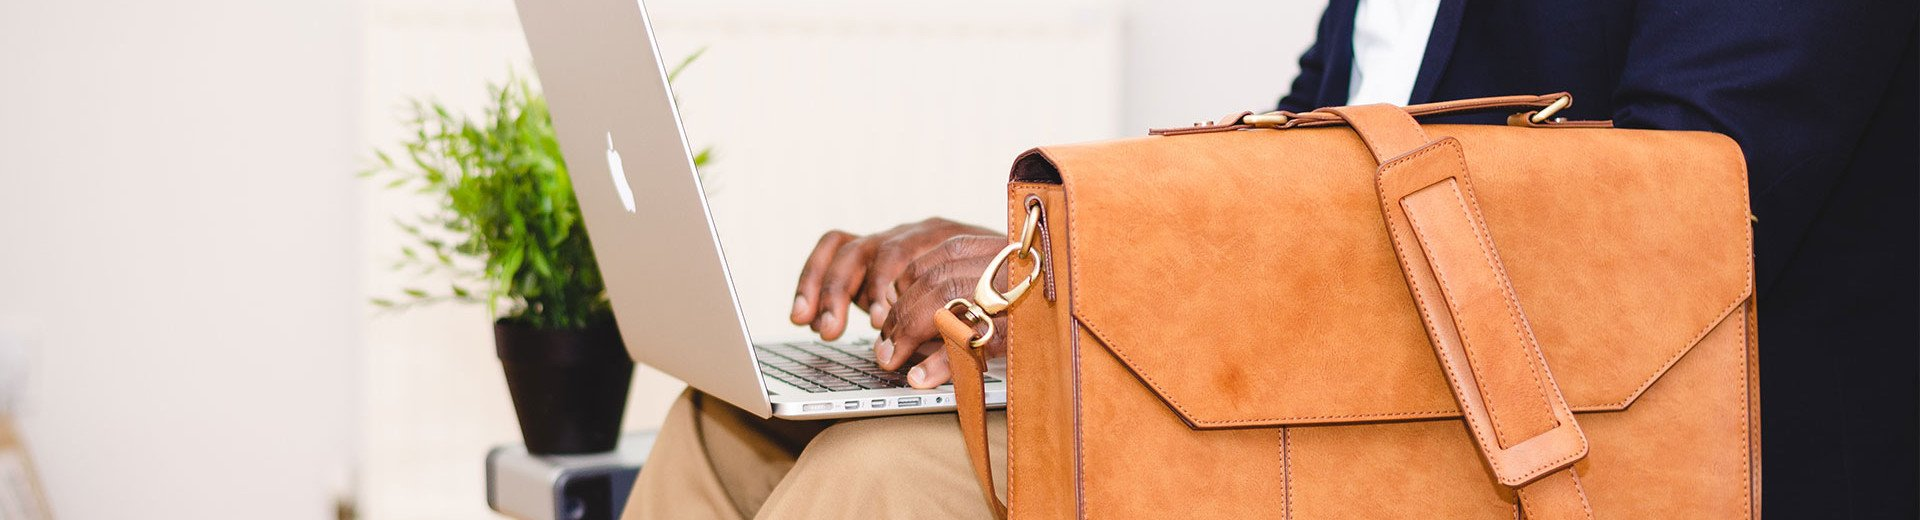 Okładka artykułu Kiedy zarejestrować działalność gospodarczą? — Praca zarobkowa z perspektywy prawnej